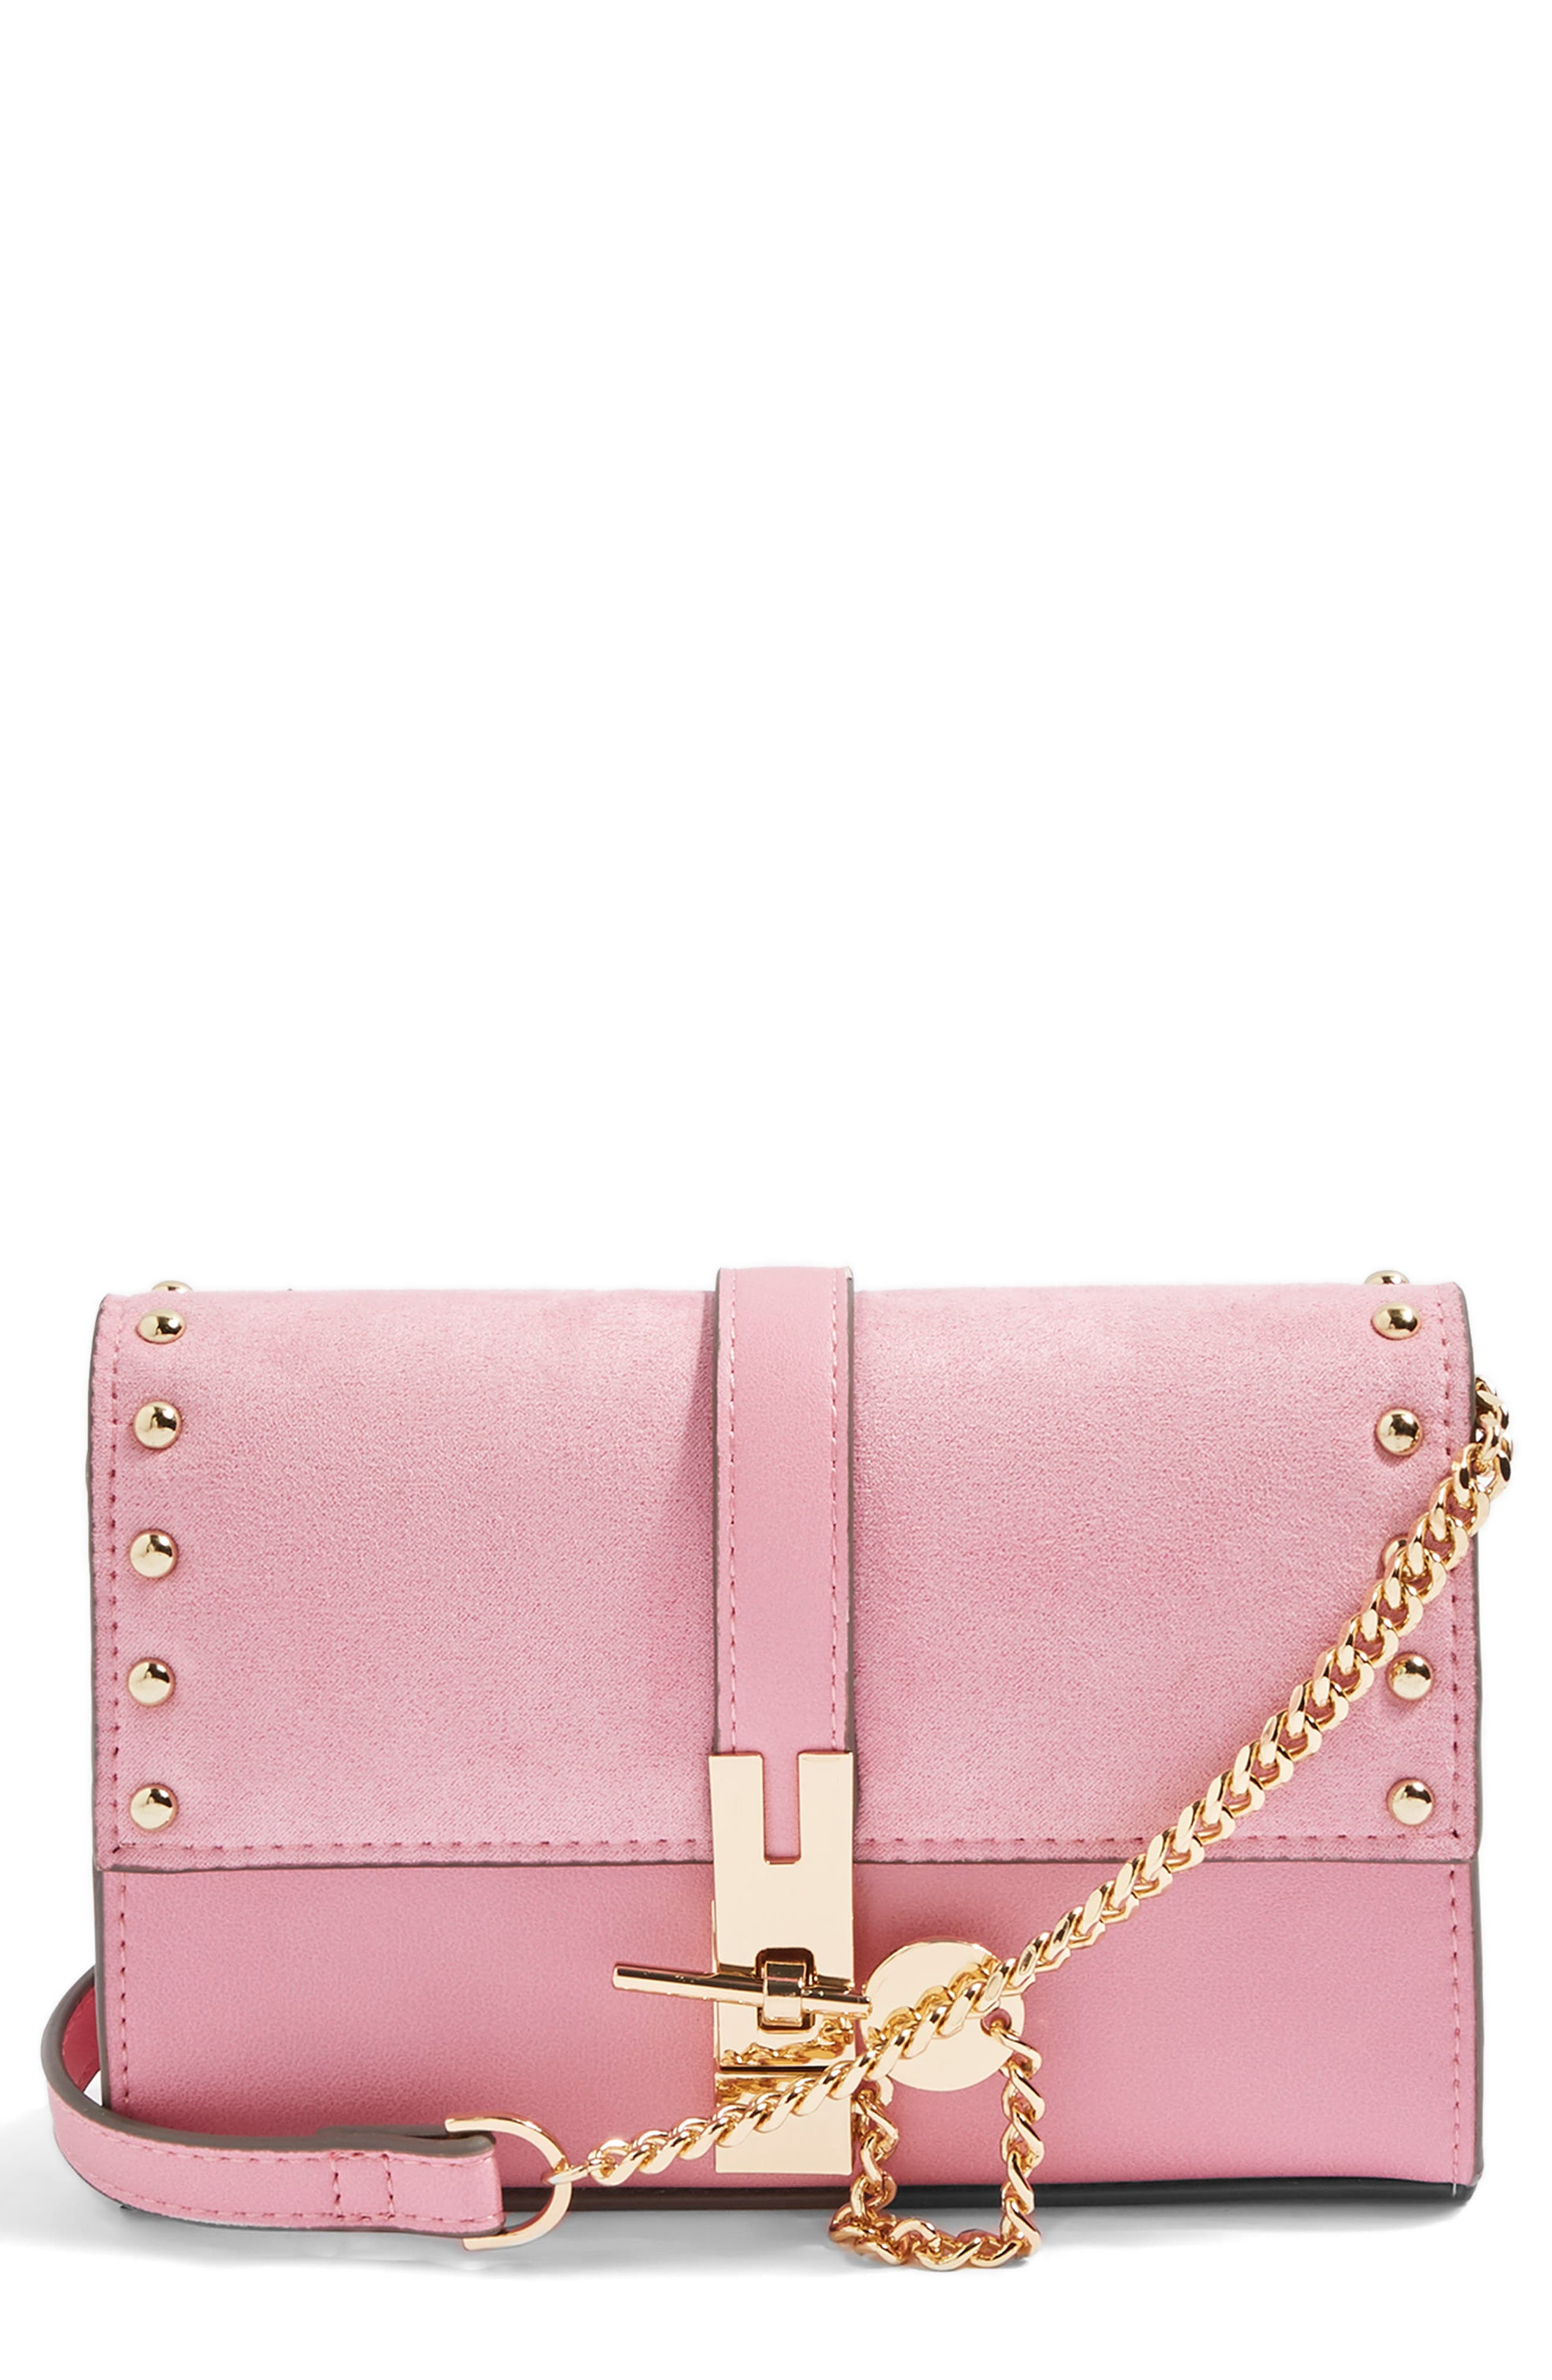 Rhonda Keylock Crossbody Bag,                             Main thumbnail 1, color,                             650